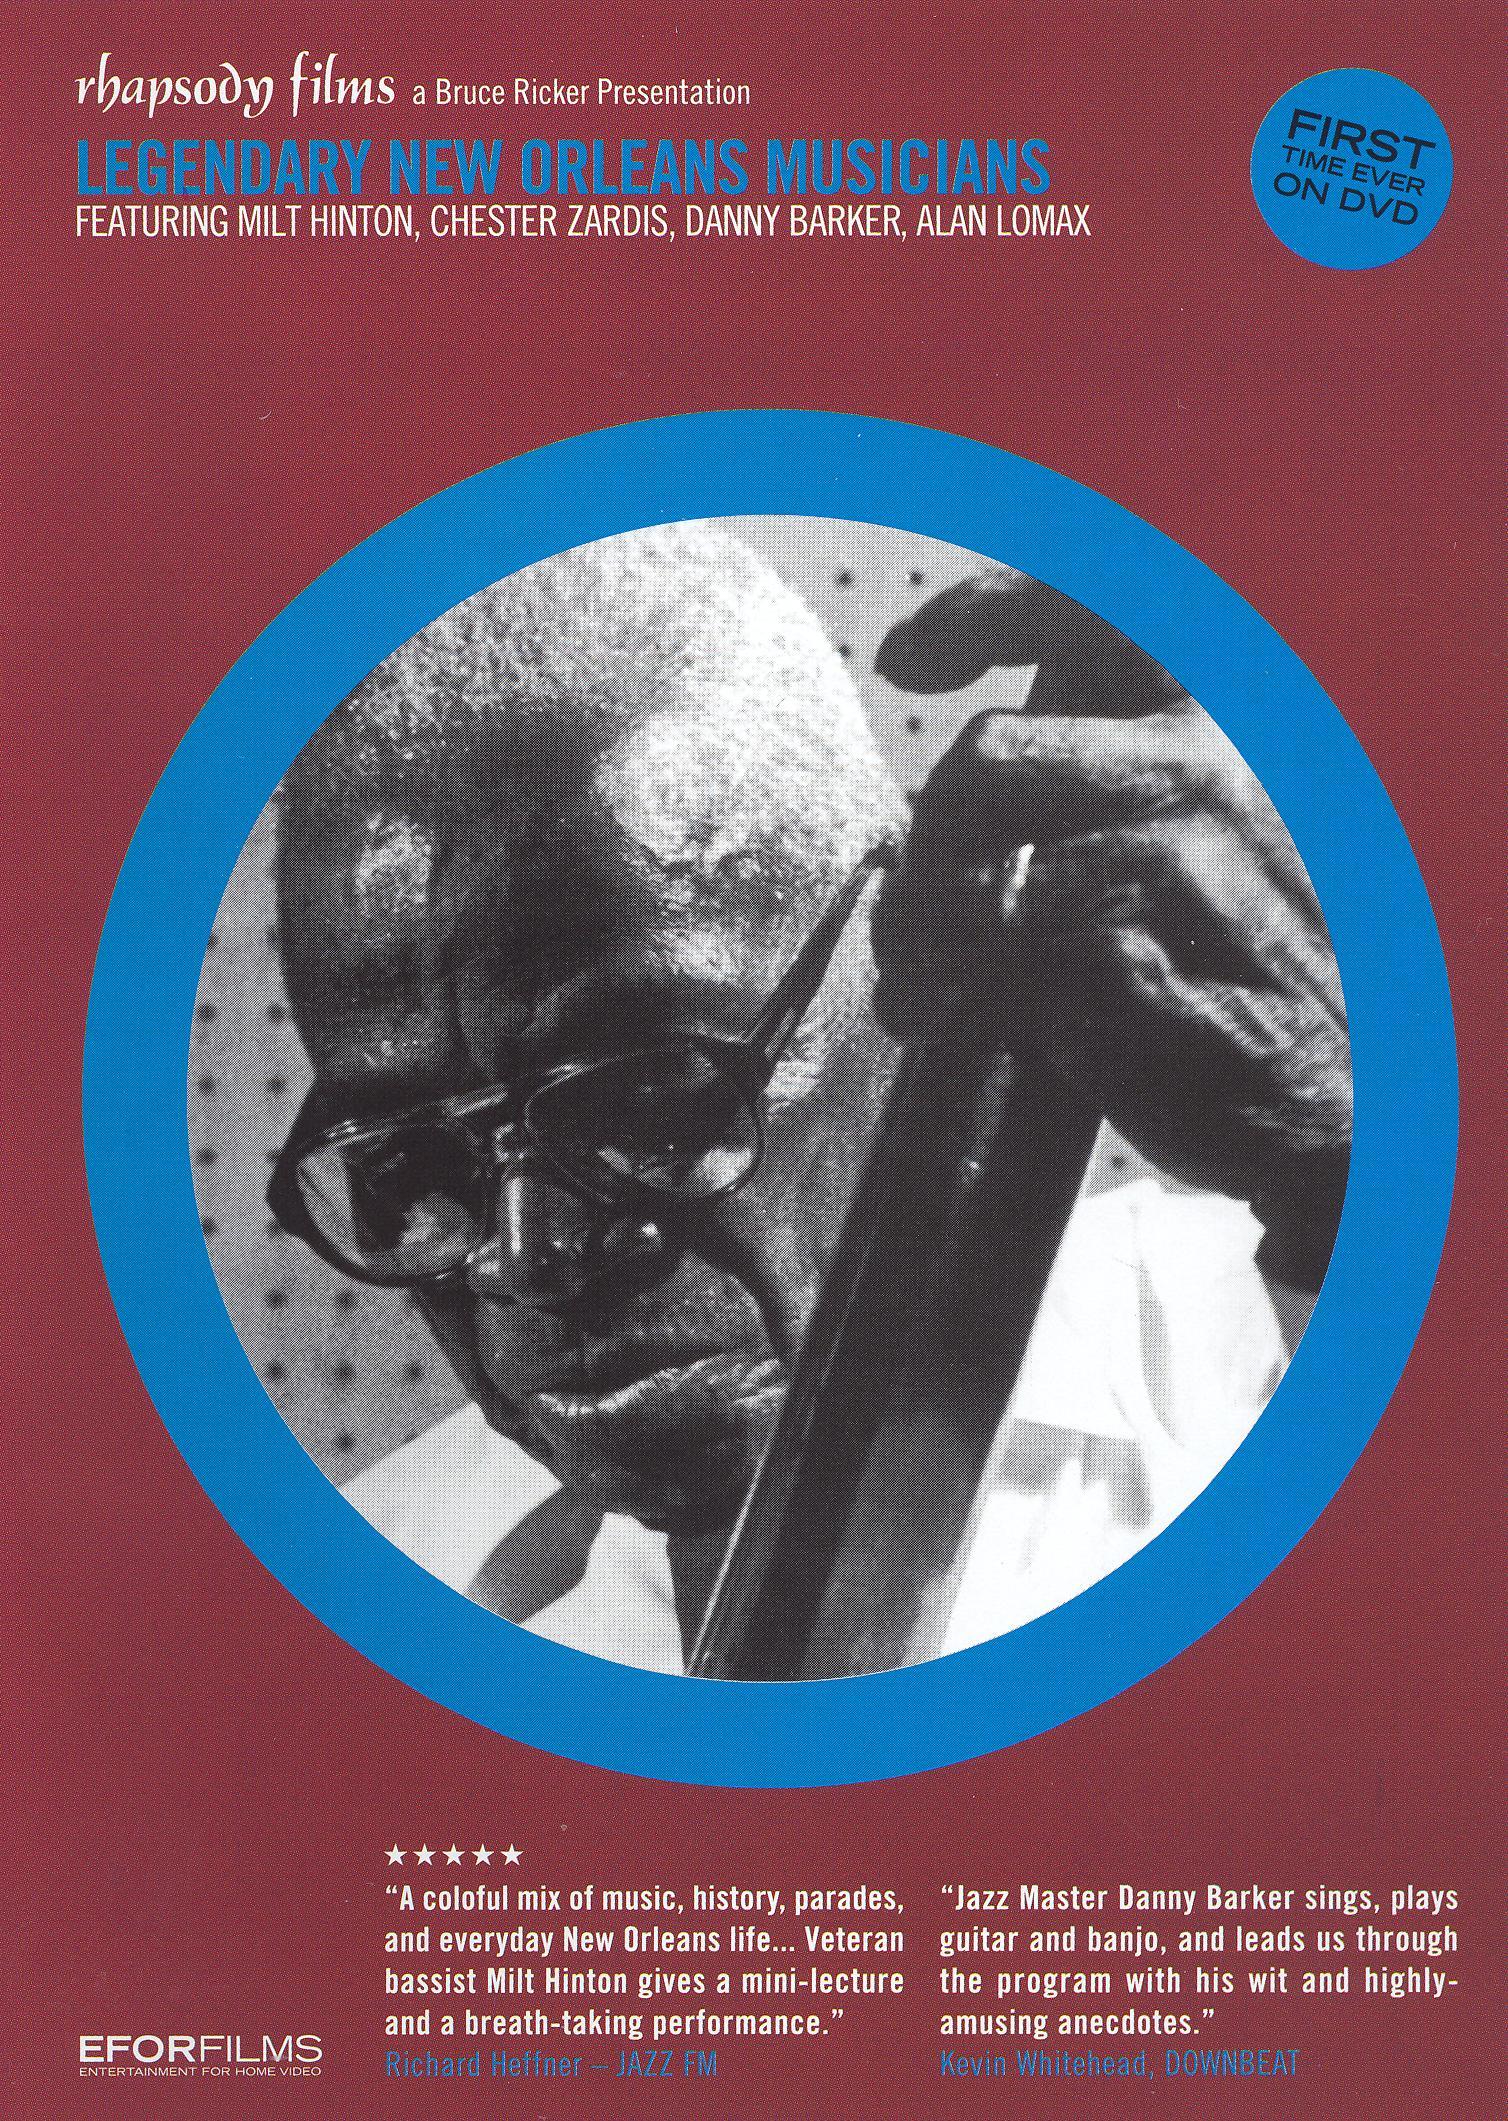 Legendary Jazz Musicians